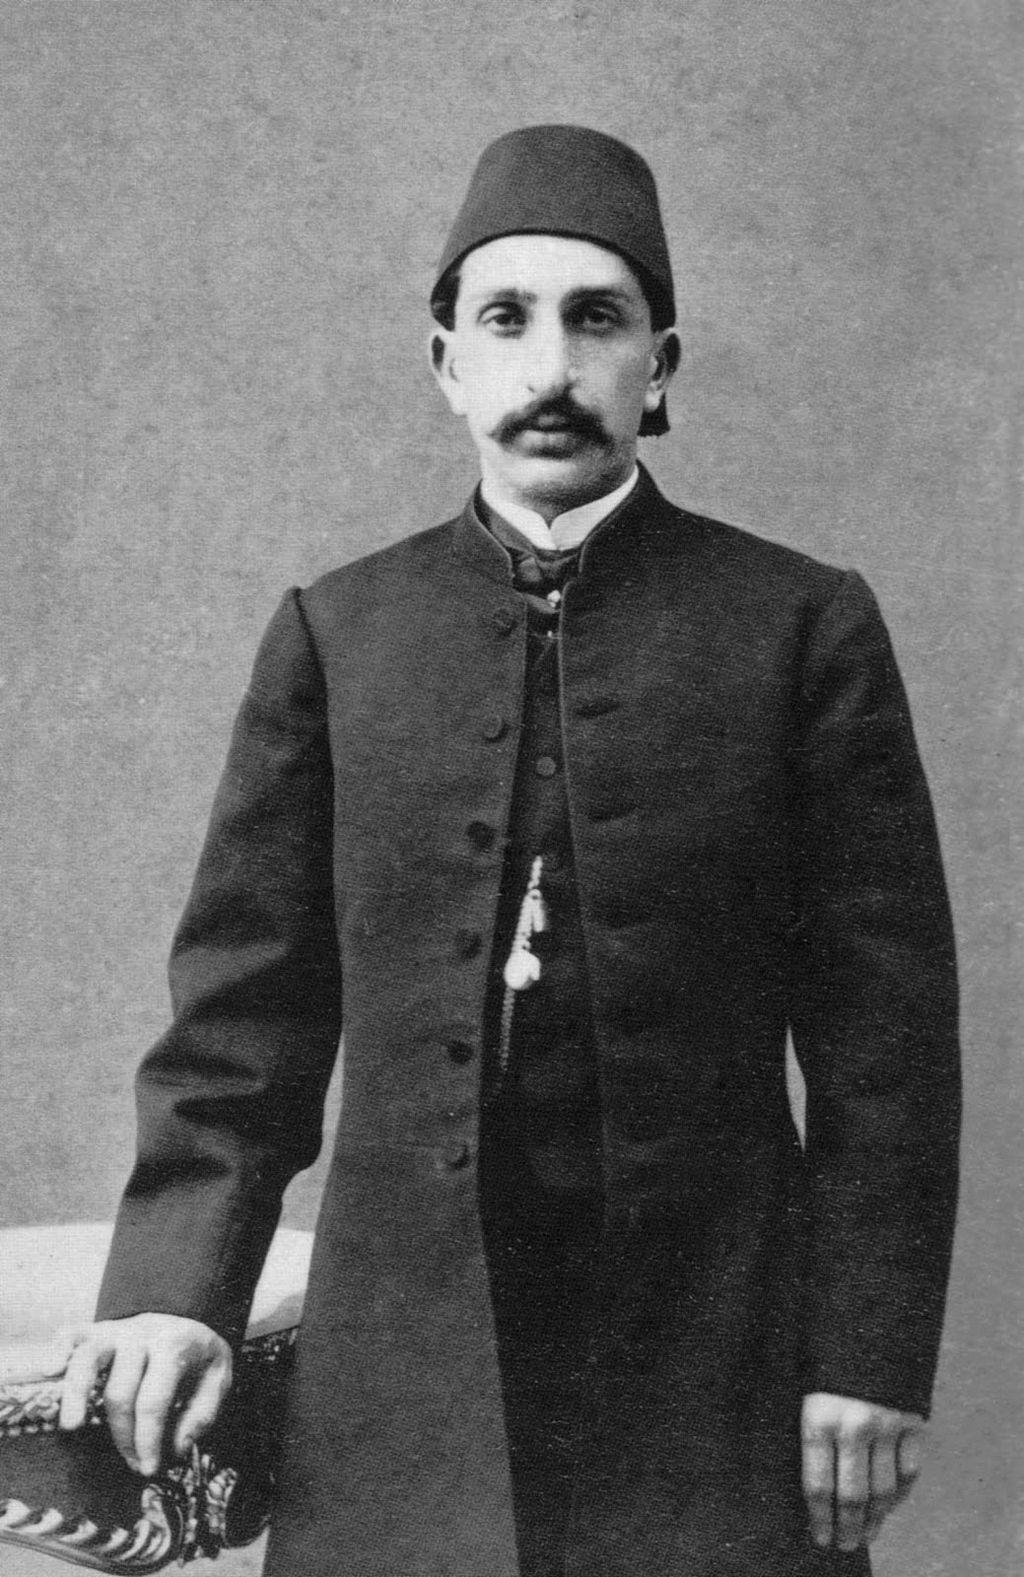 Sultan Abdul Hamid II of the Ottoman Empire